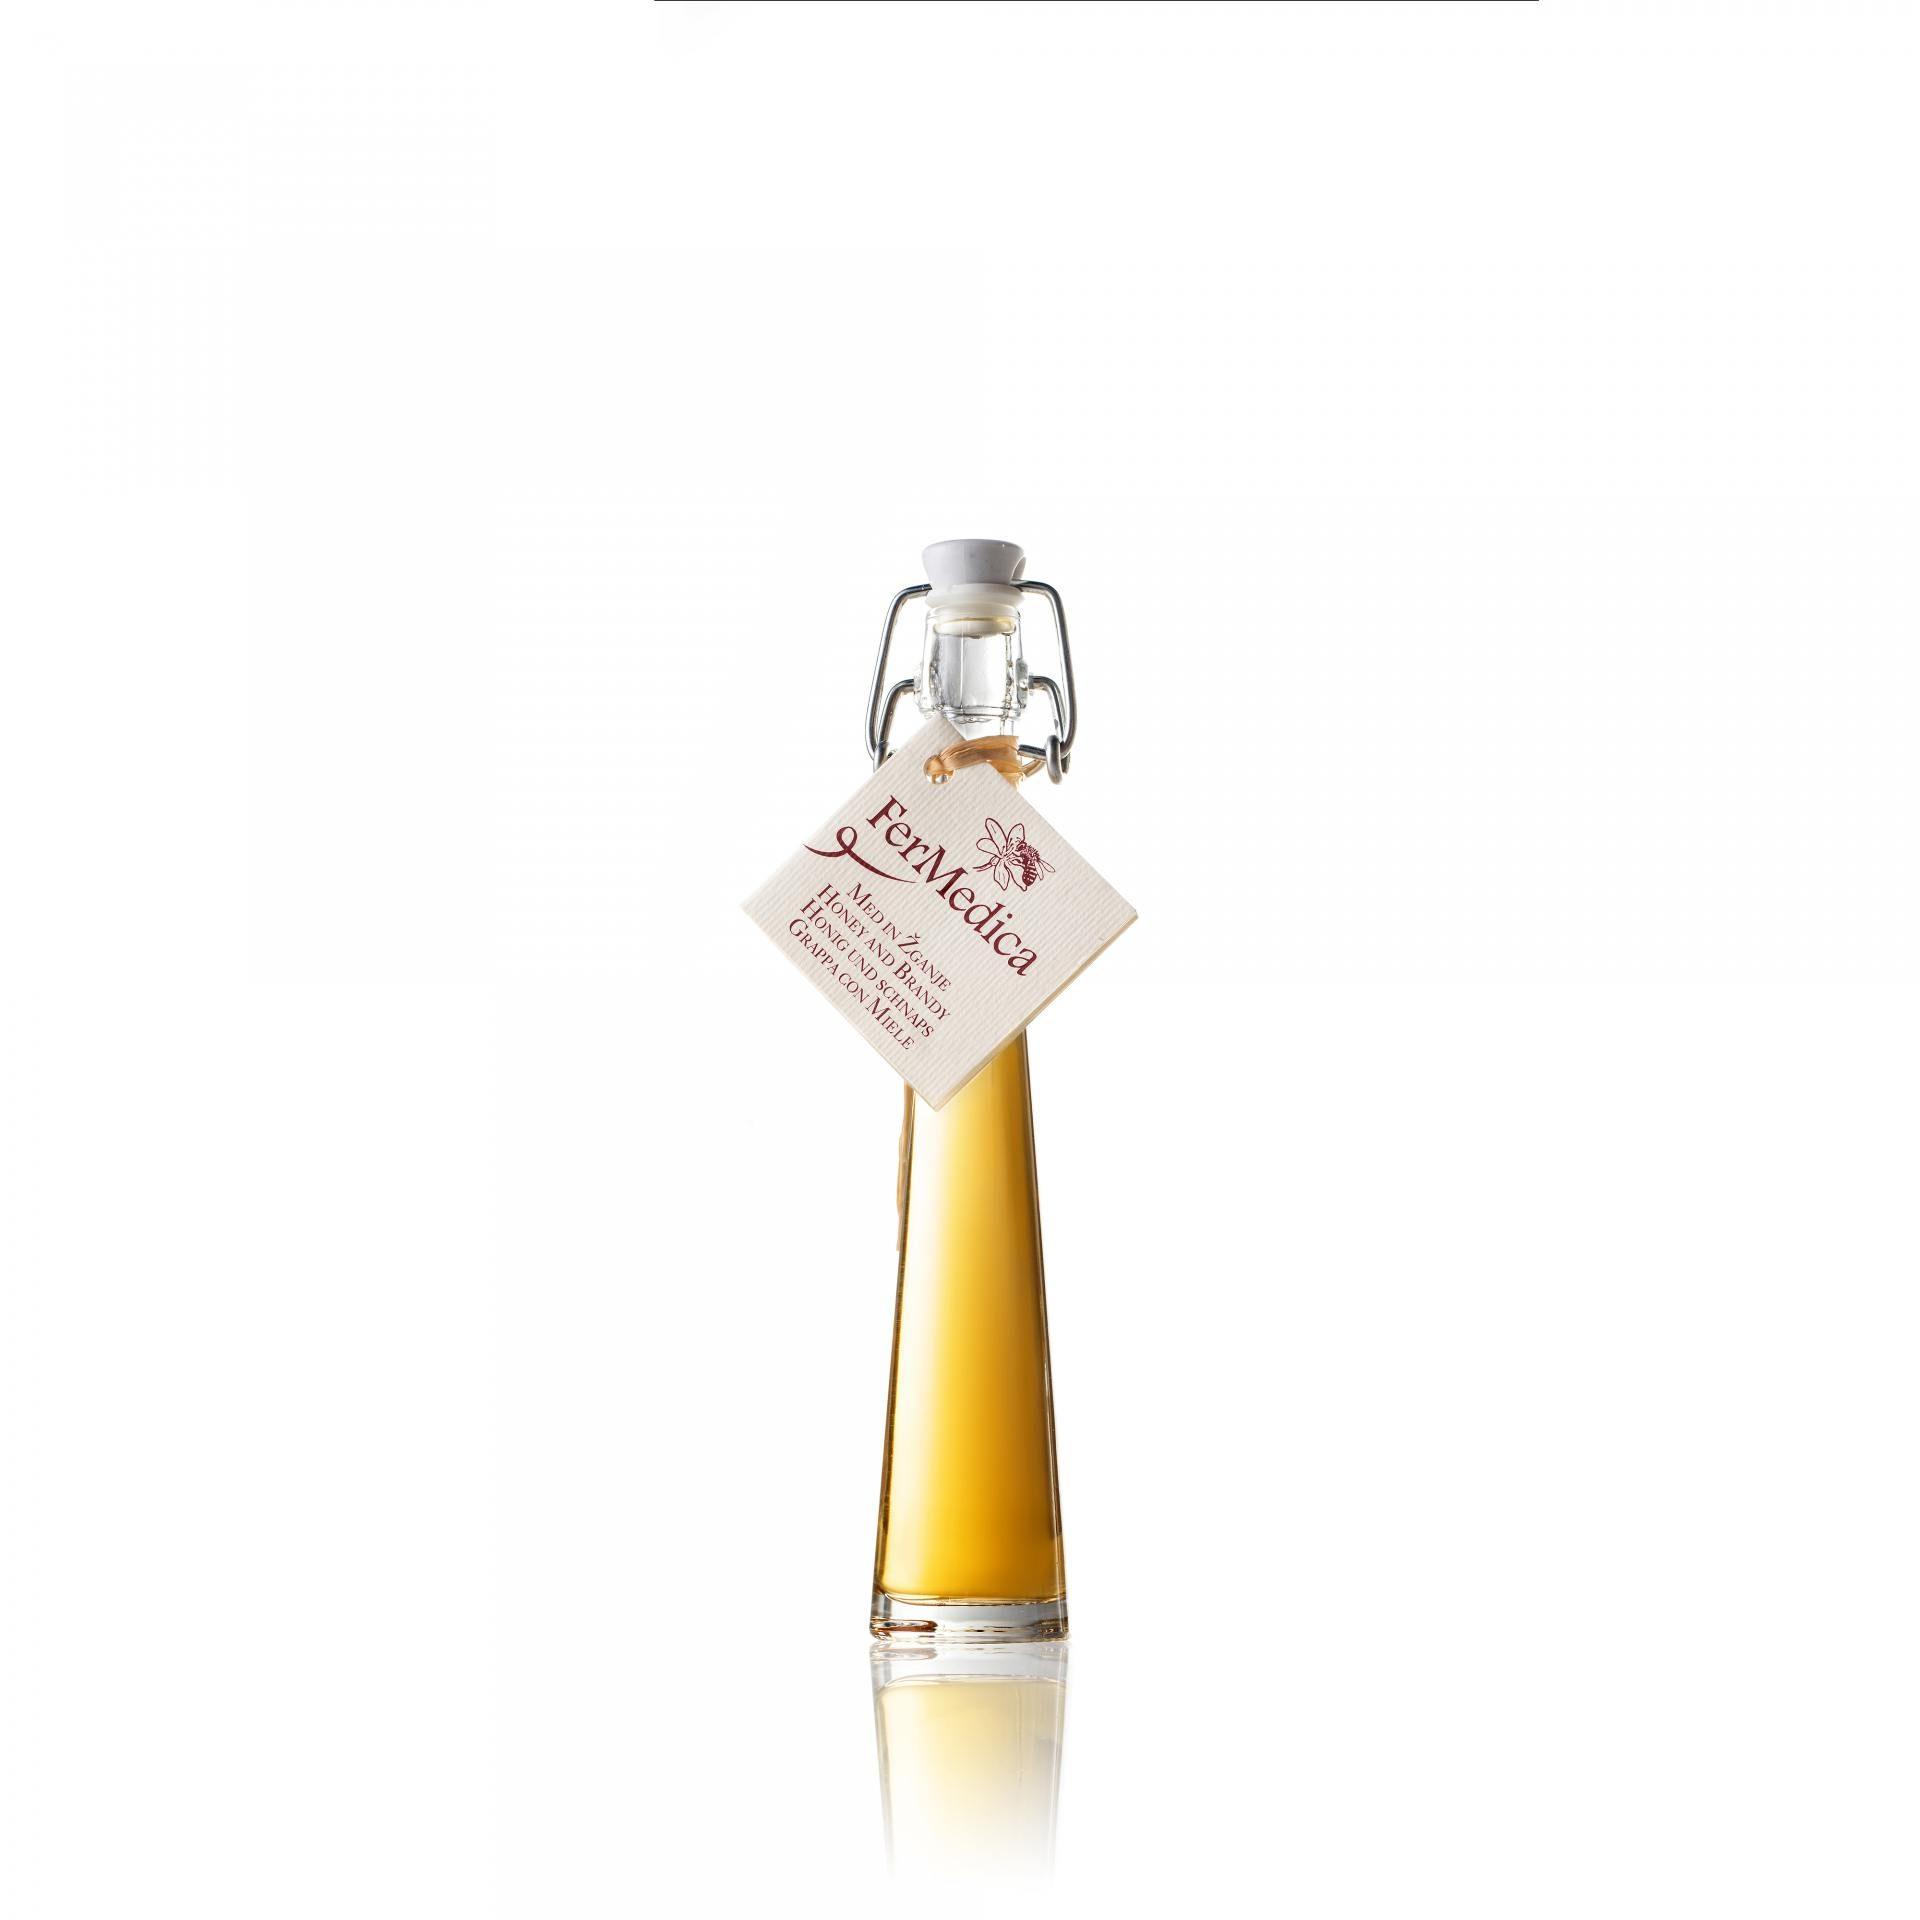 Med in žganje, med z dodatki, darilni seti v lični embalaži fermedica 53